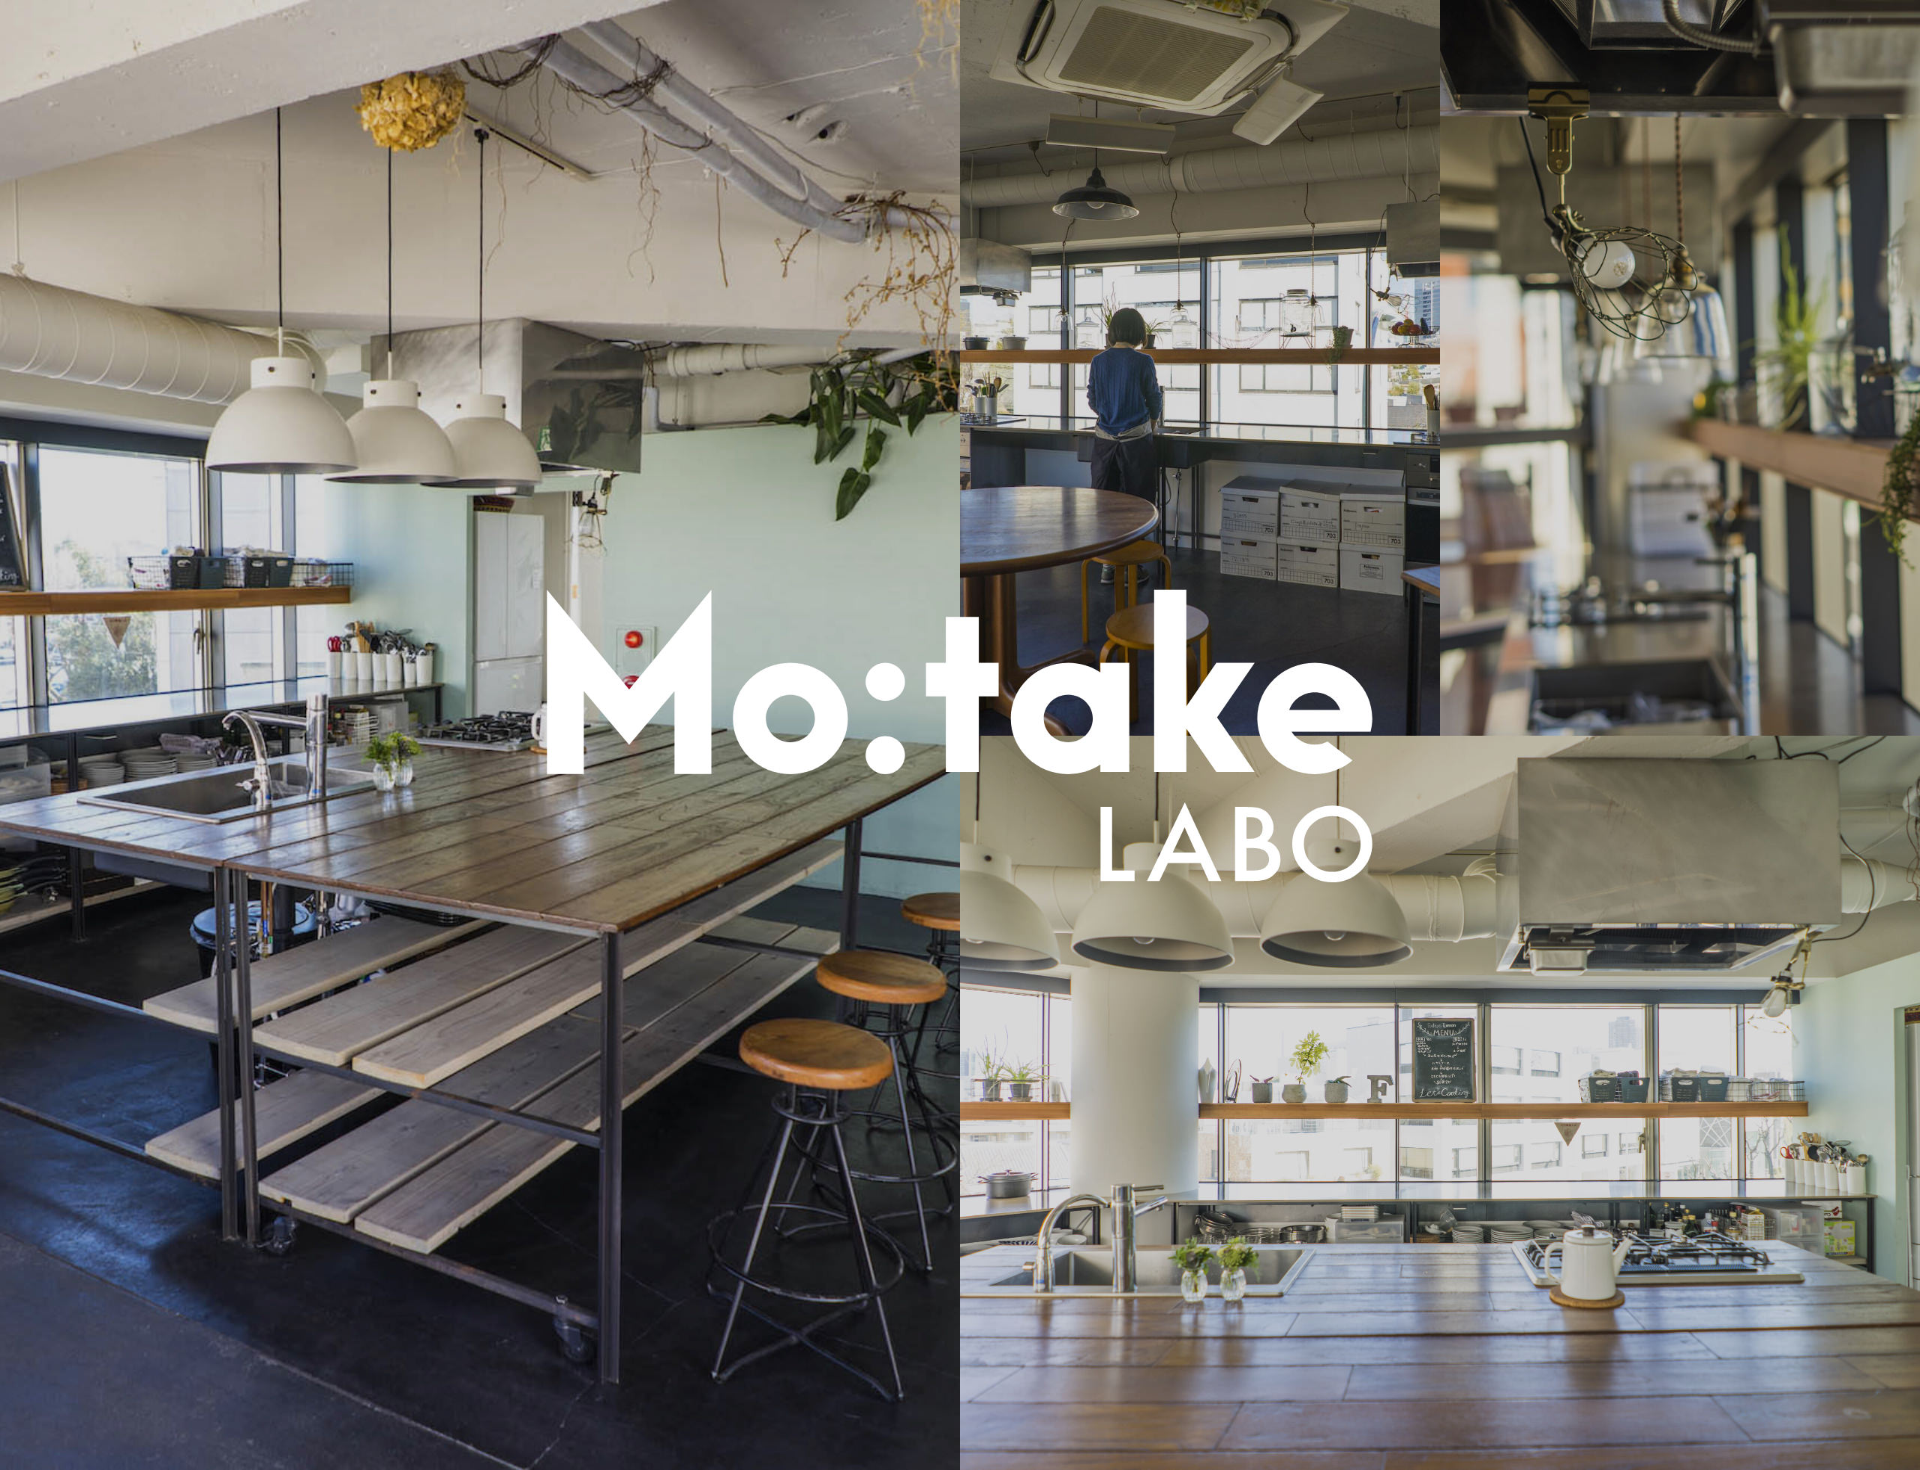 Mo:take LABO